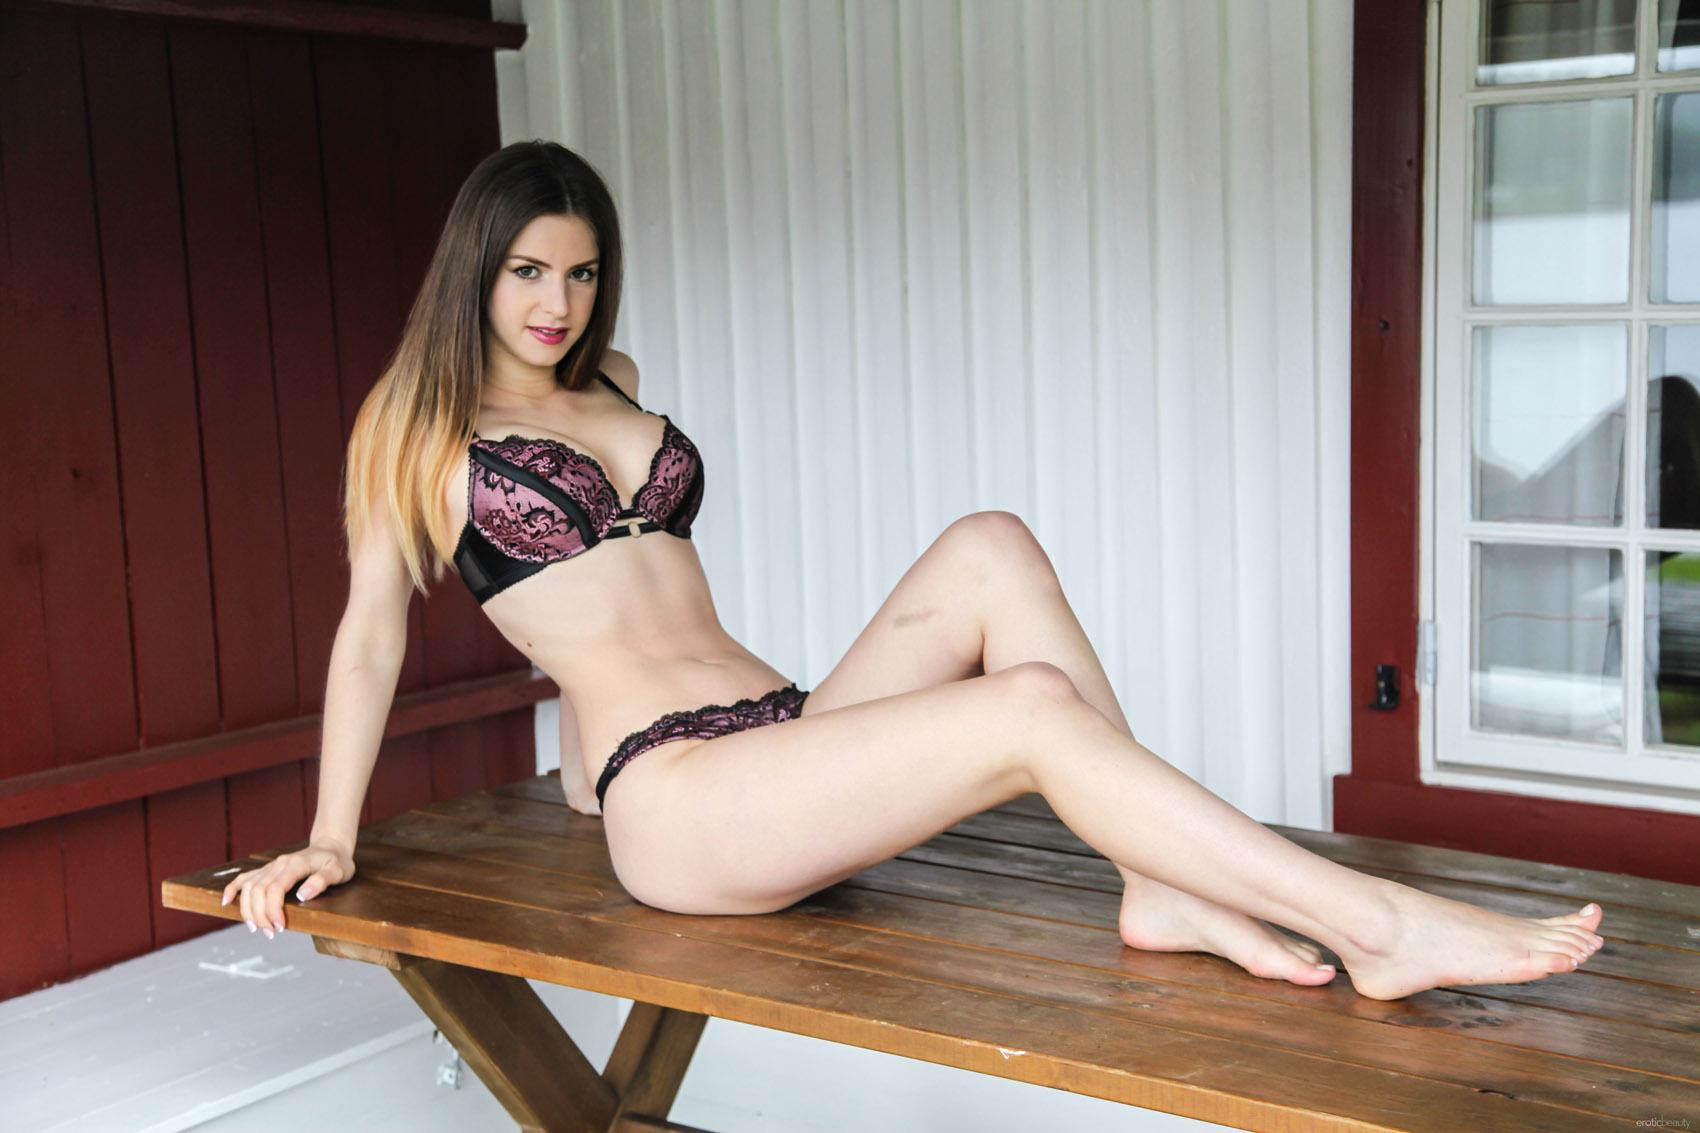 Sex 18 Teens  Teen Model Sex Pictures